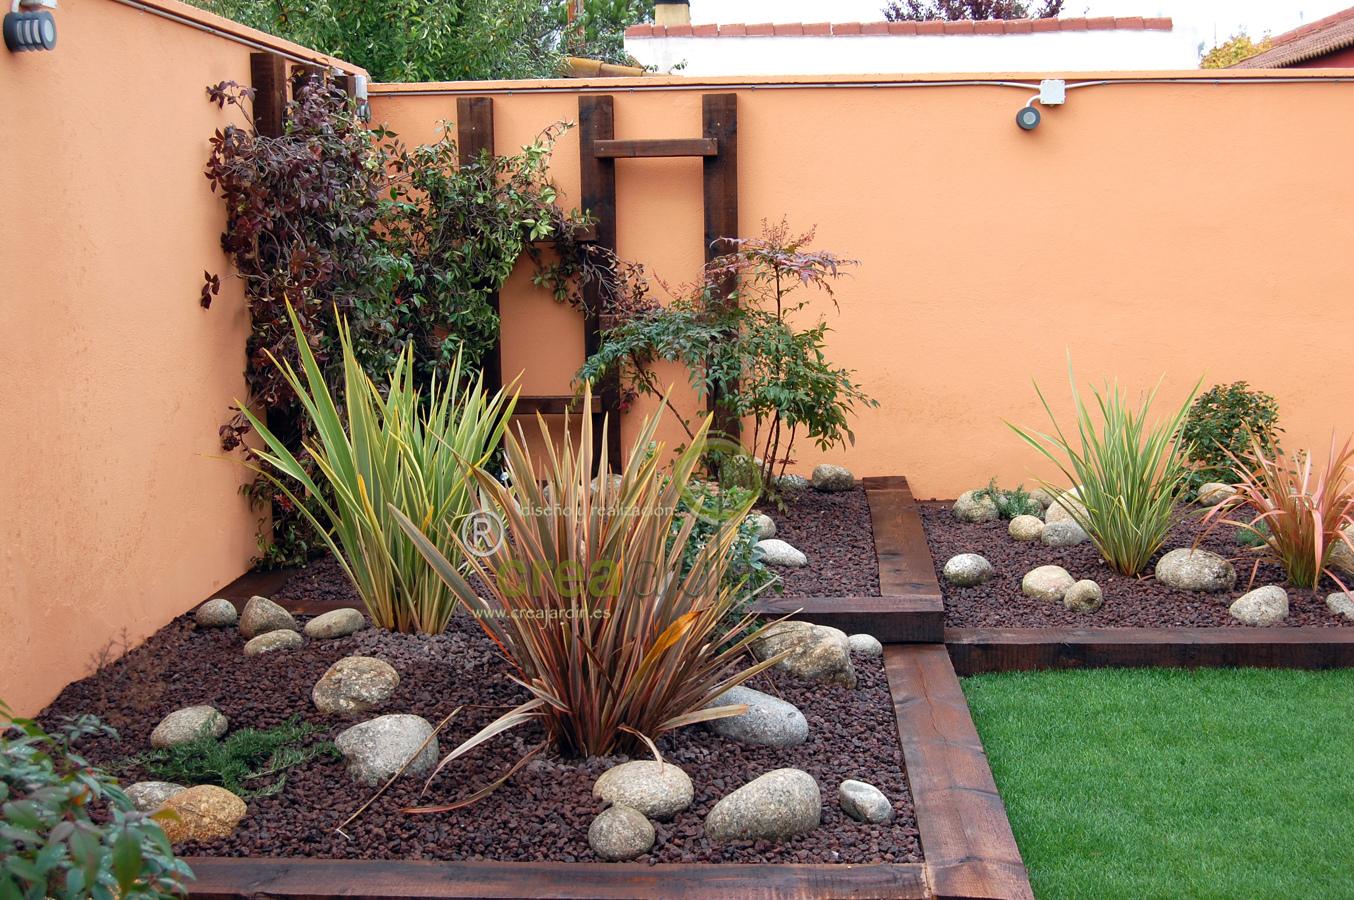 Foto jard n de bajo mantenimiento de creajardin 436773 for Jardines con poco mantenimiento